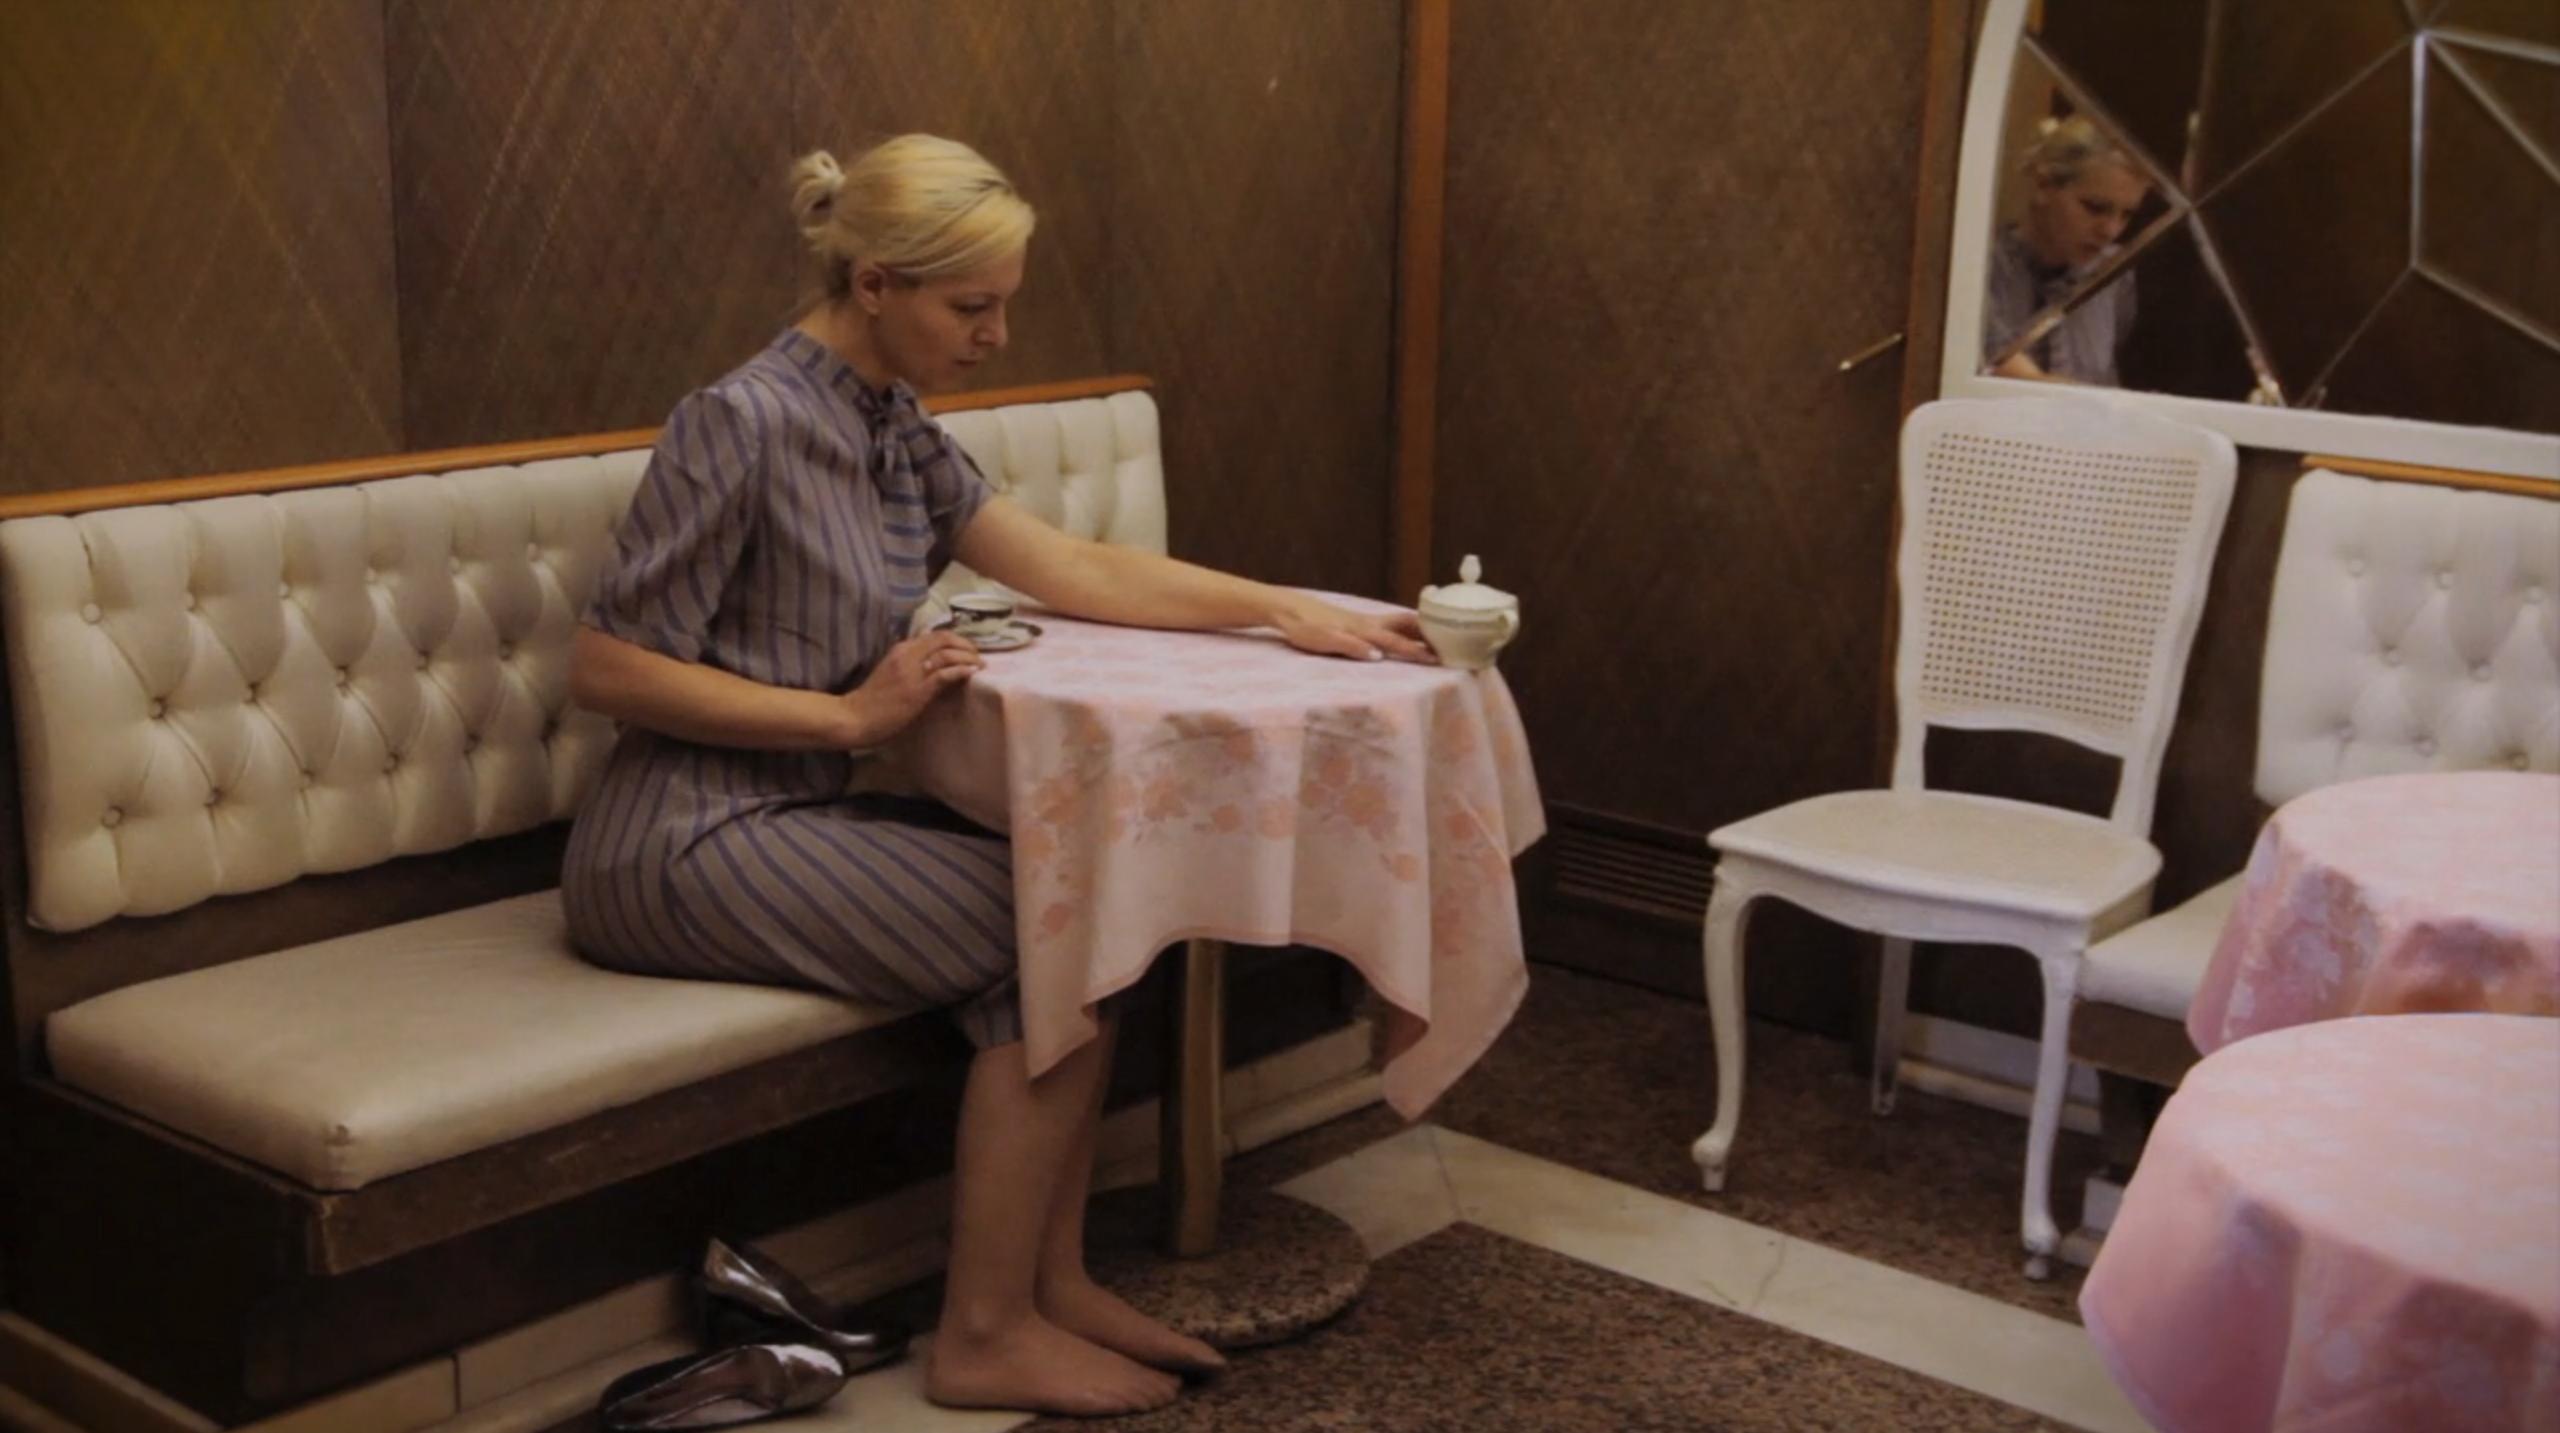 """Karolina Breguła, """"Cukiernica"""", wideo, performance do kamery, 2015 – dzięki uprzejmości artystki i galerii lokal_30 (źródło: materiały prasowe organizatora)"""